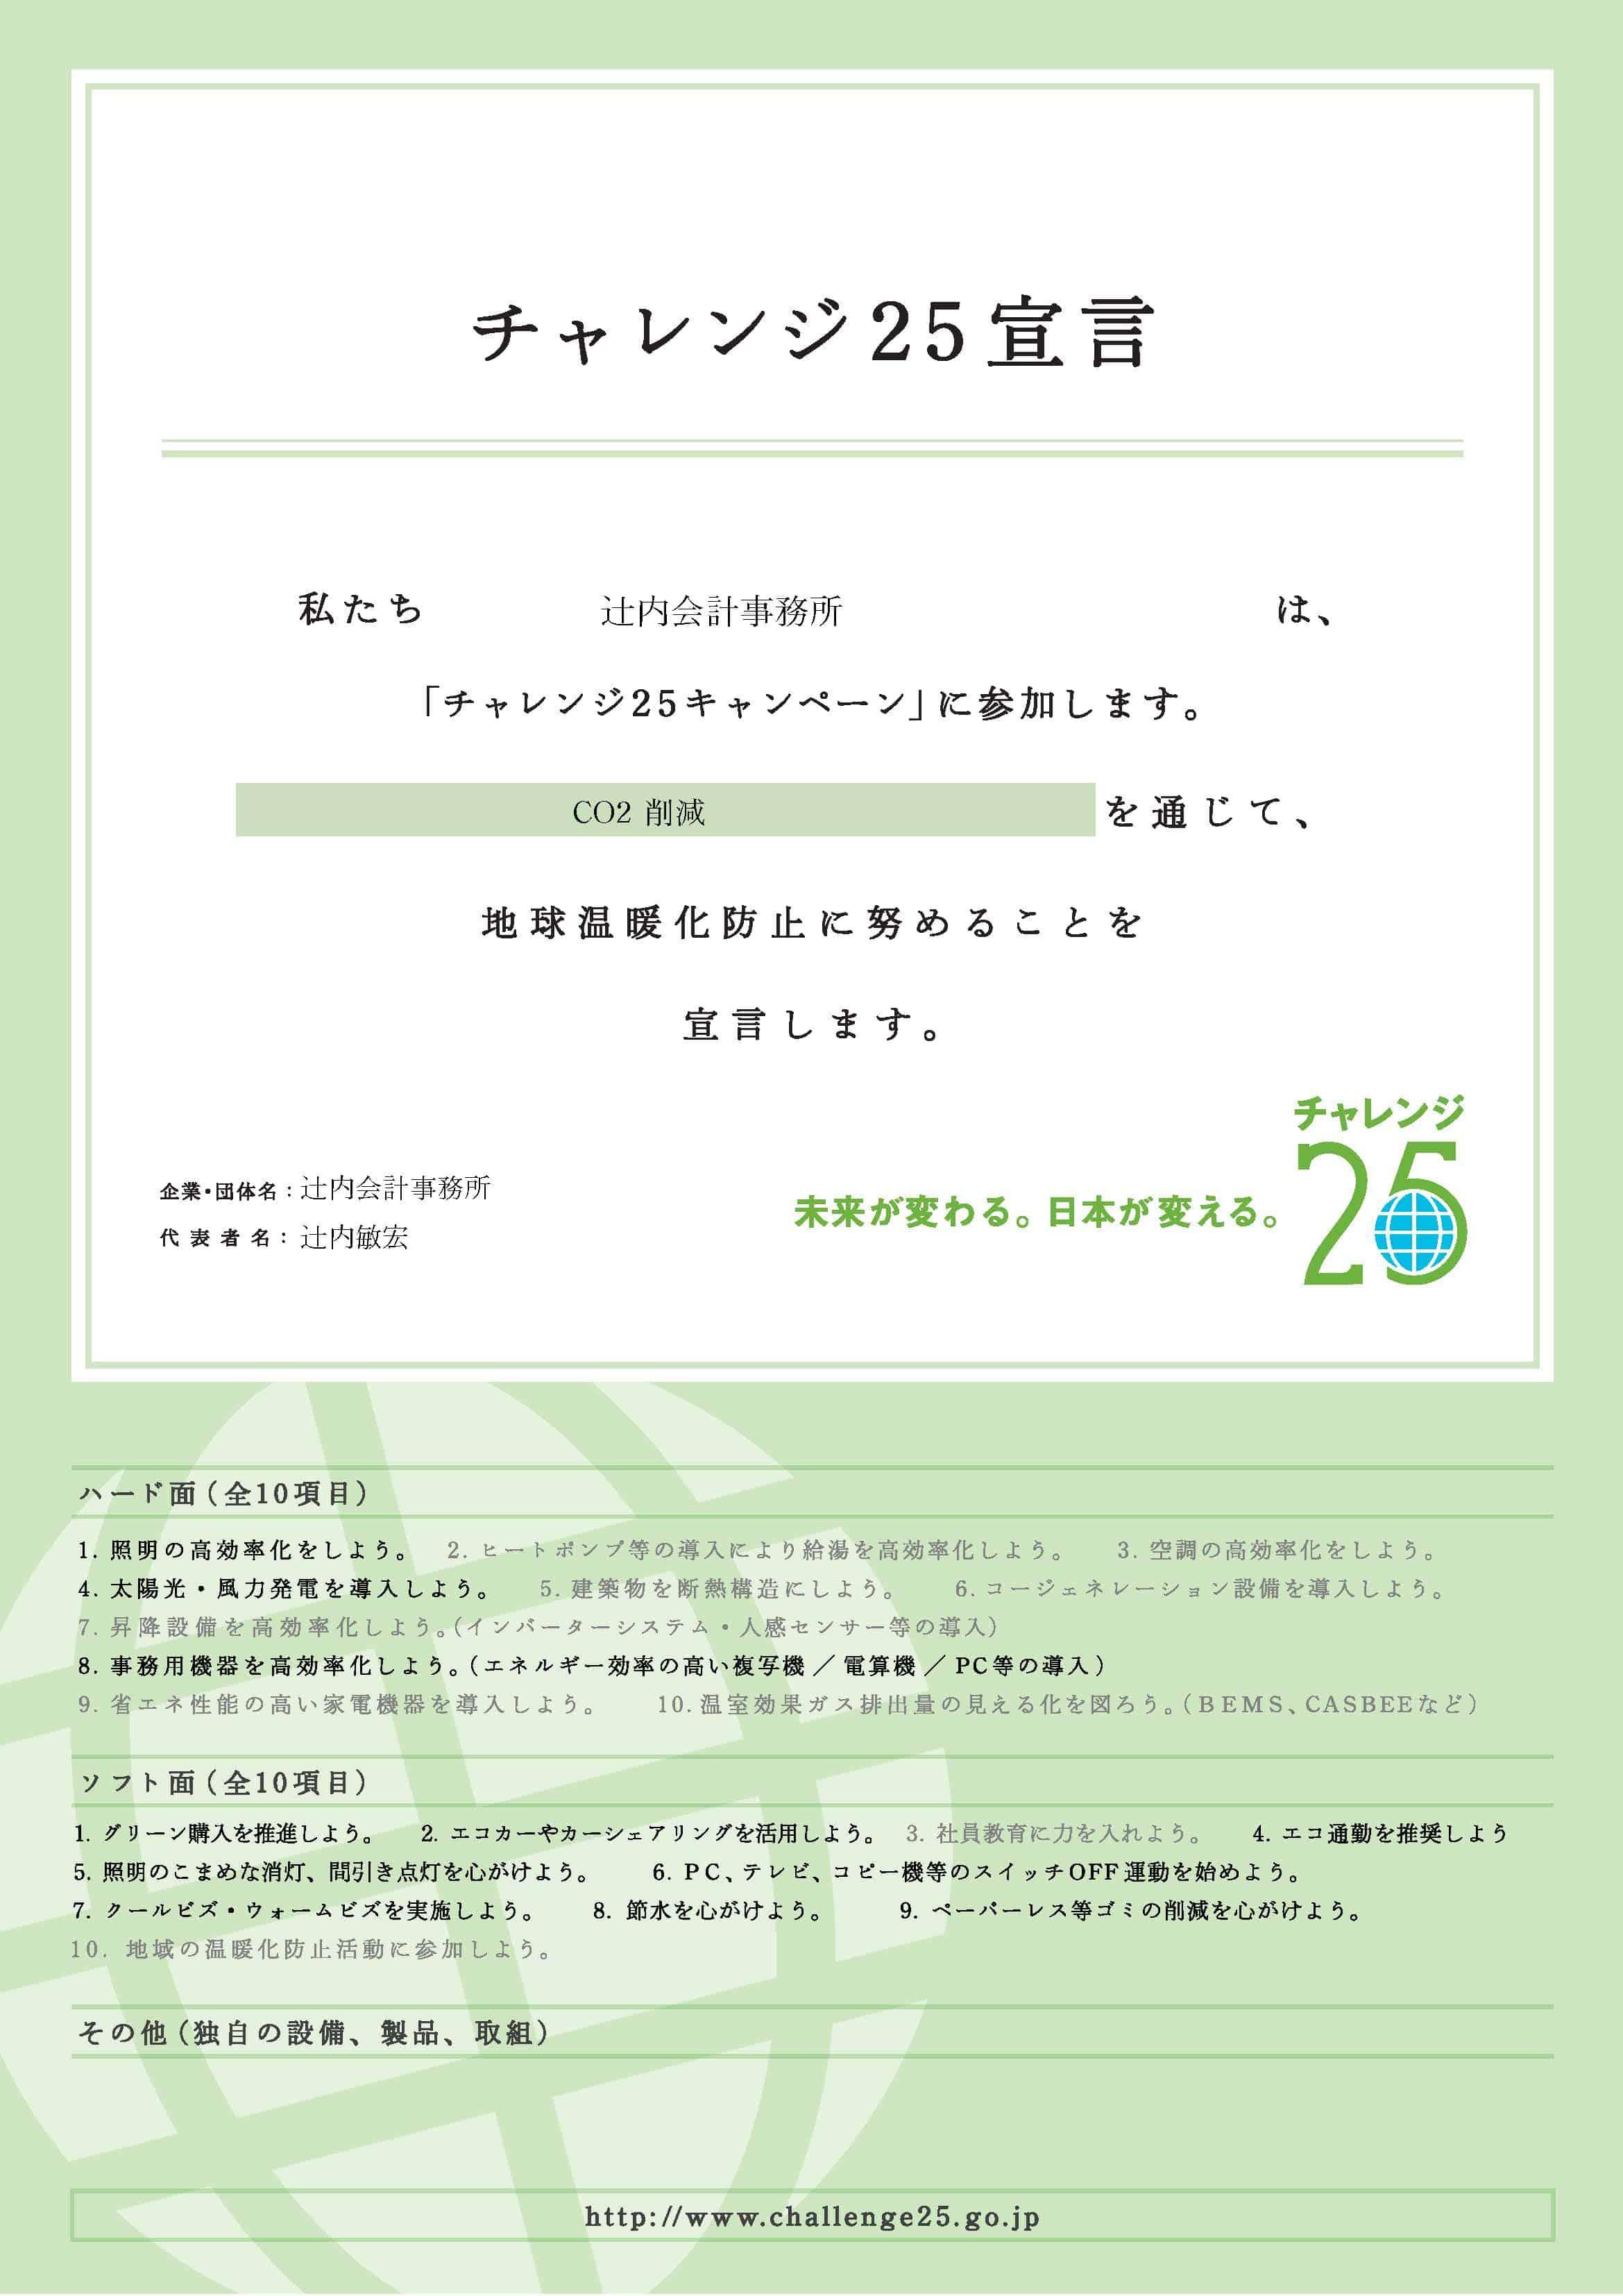 和歌山県海南市の辻内社会保険労務士事務所チャレンジ25宣言